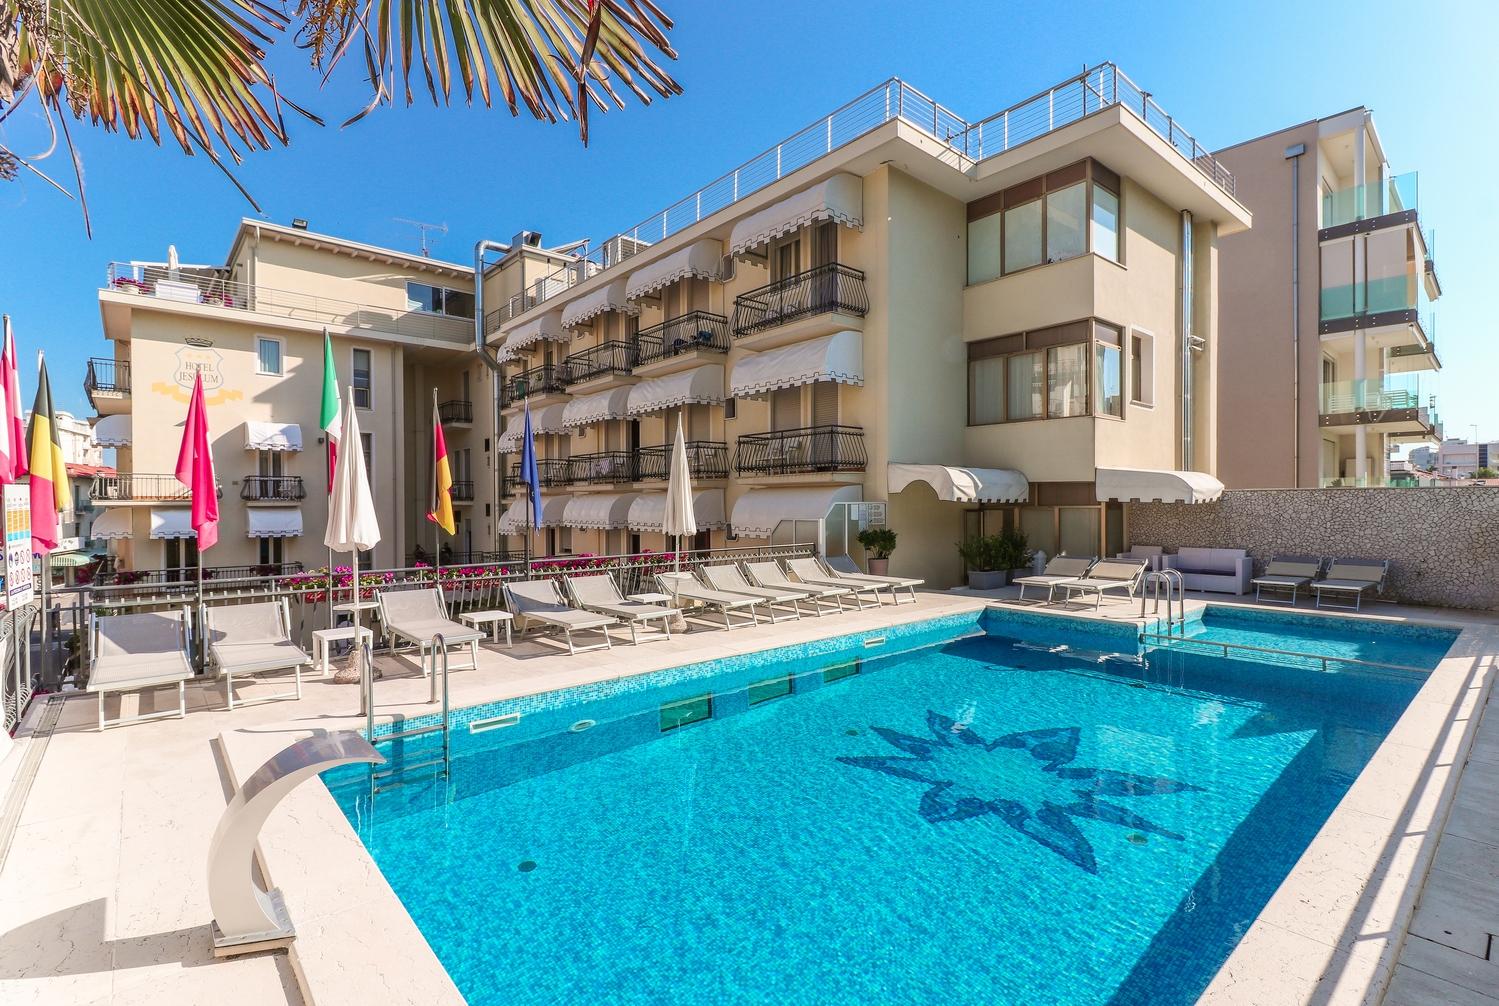 Hotel 3 stelle con piscina jesolo hotel jesulum - Hotel con piscina jesolo ...